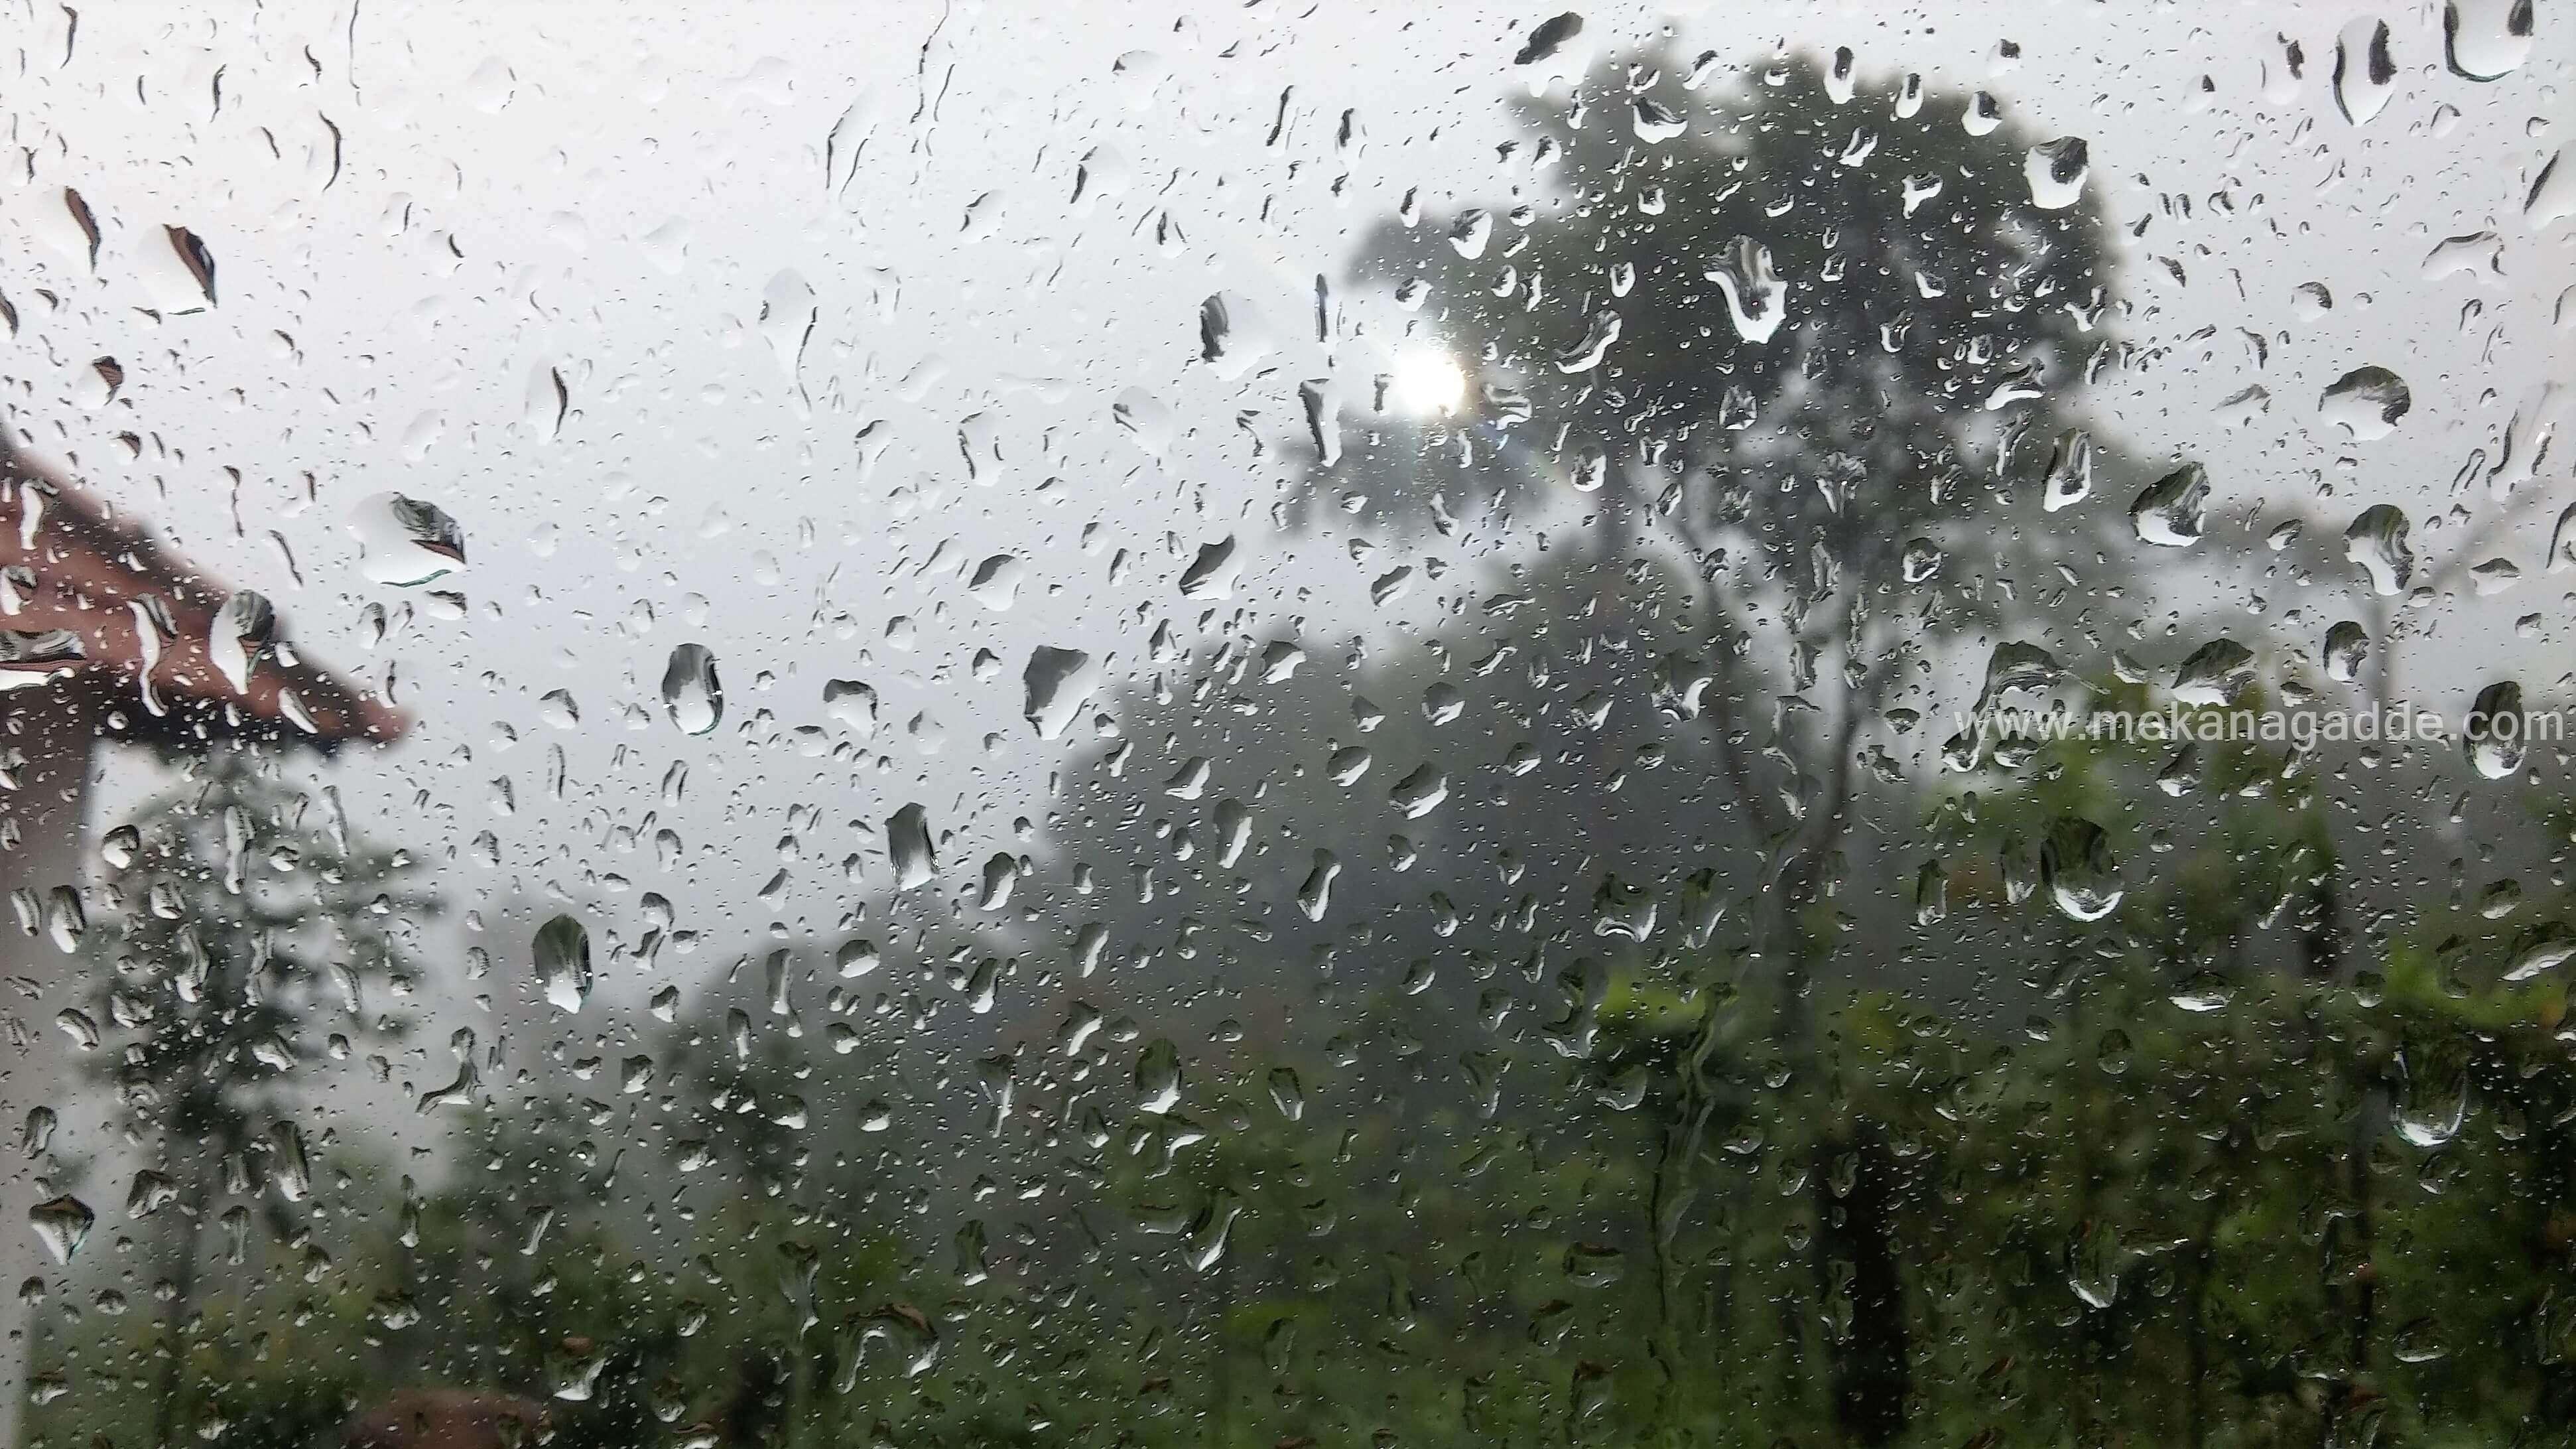 Sakleshpur Rain